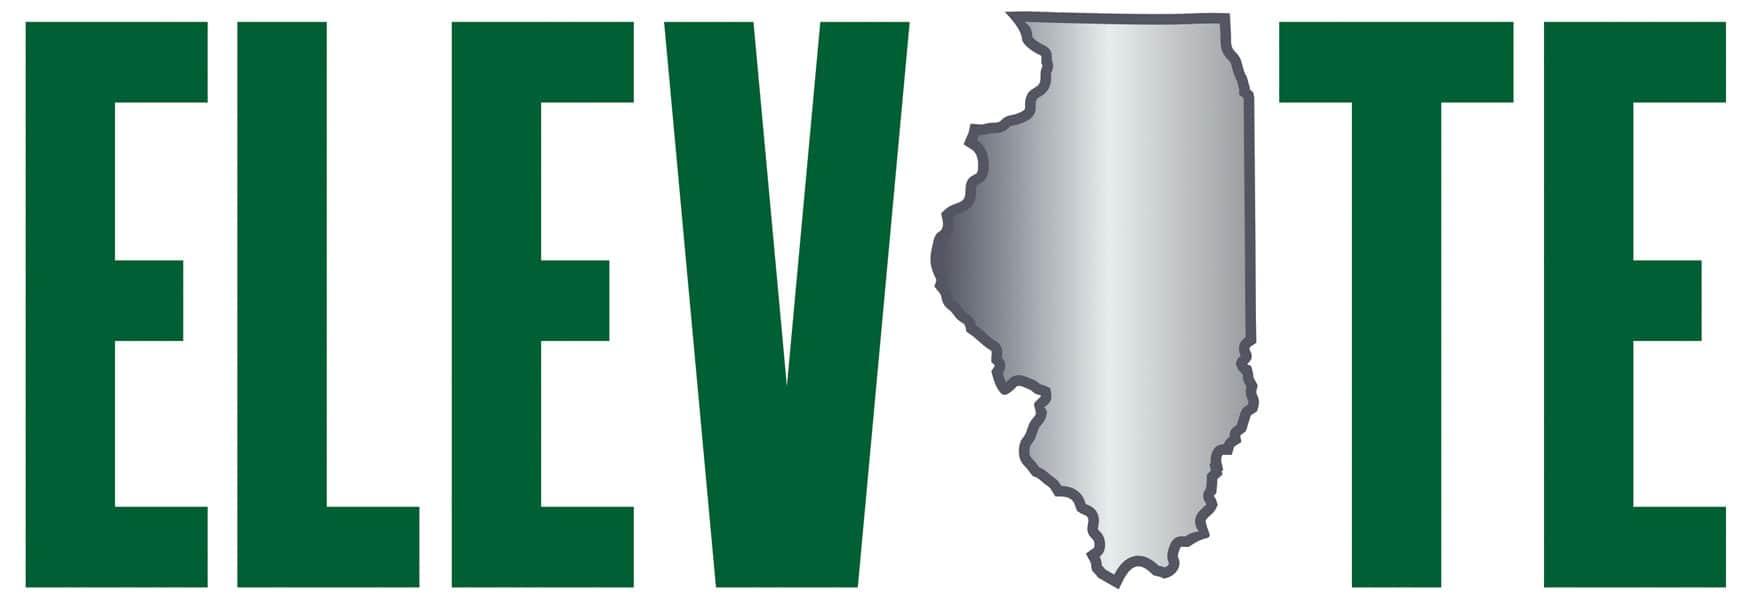 Elevate-IL-logo